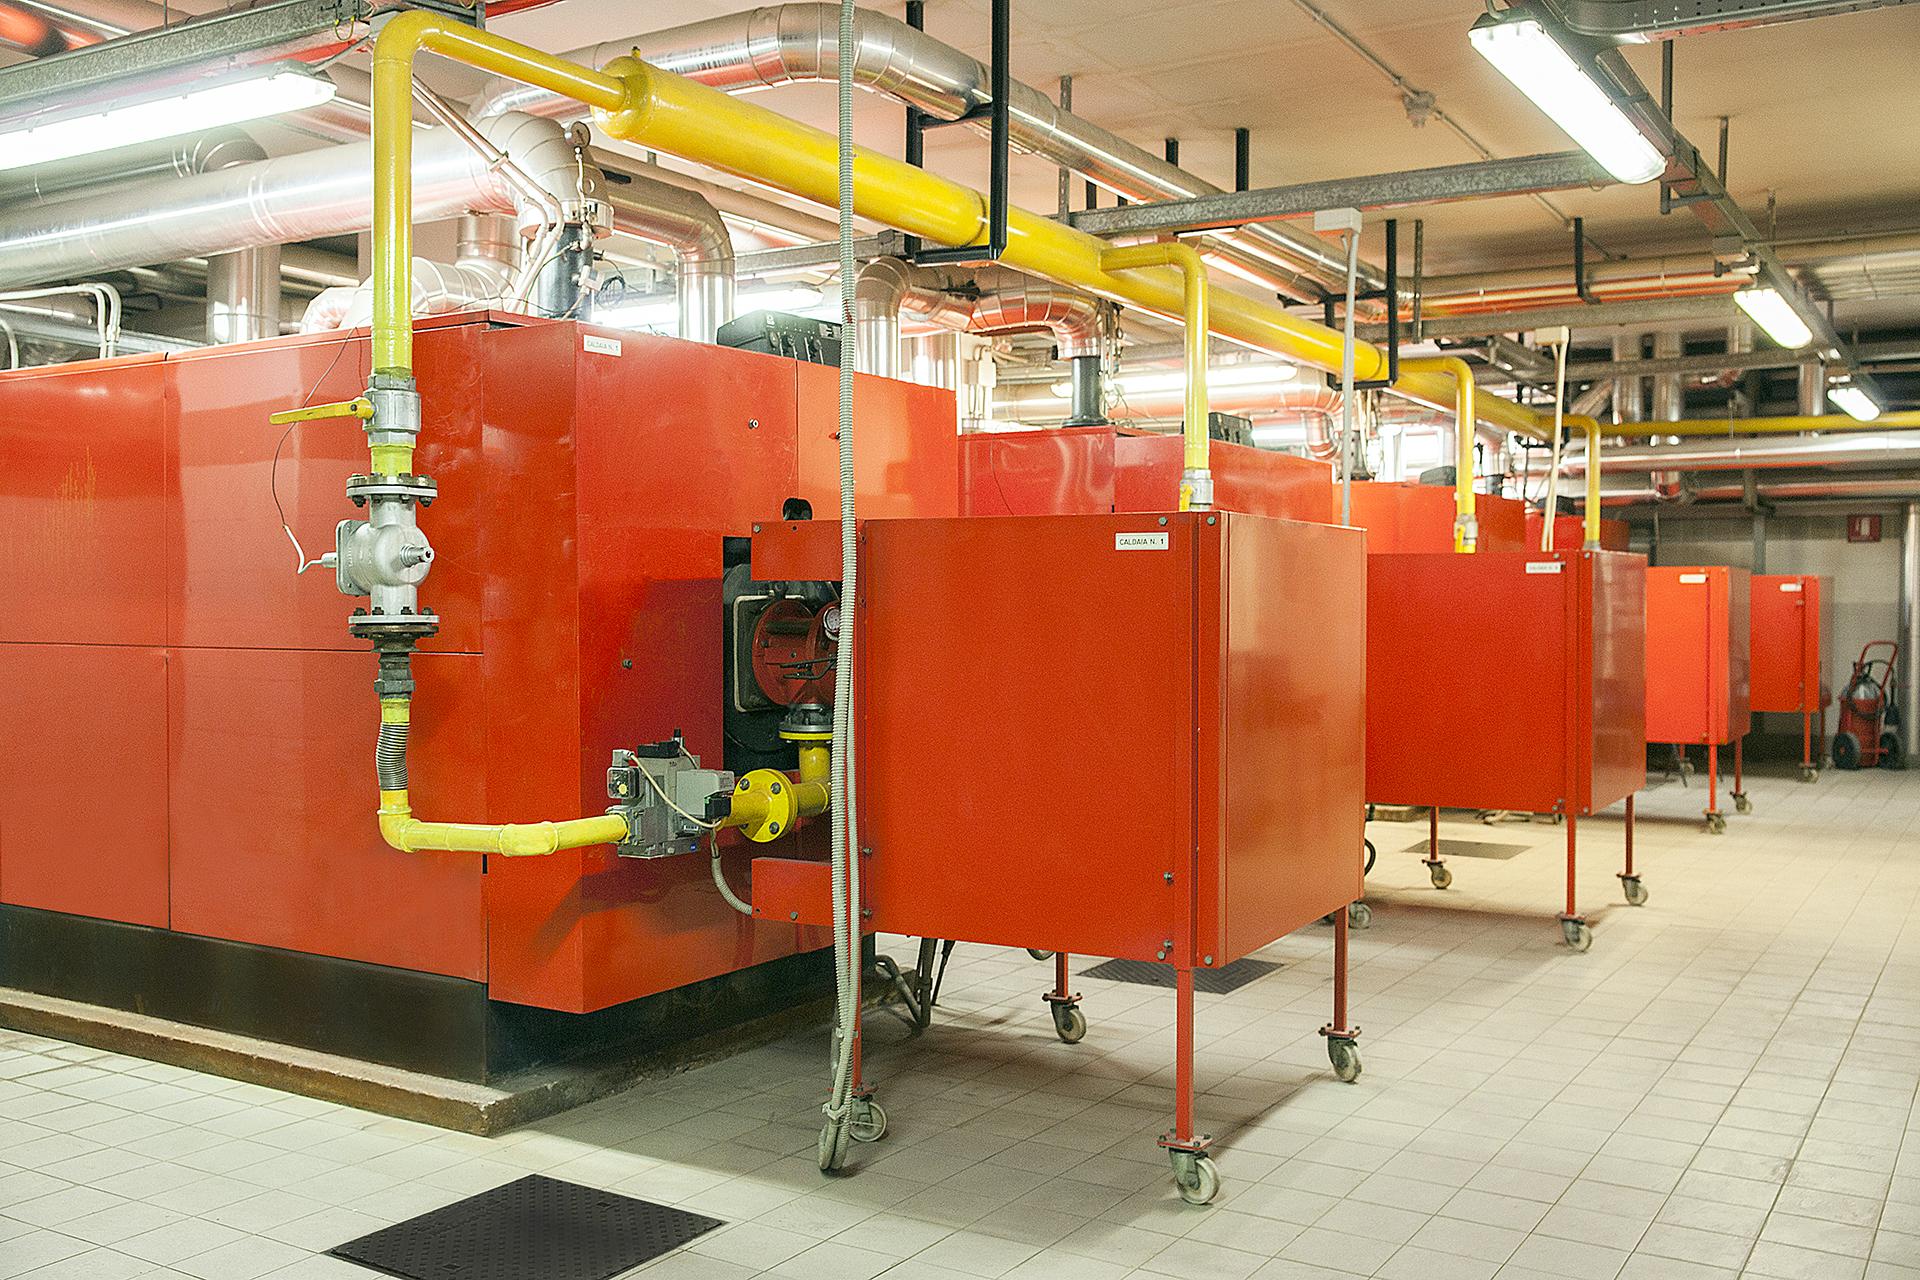 Recir - Impianti civili ed industriali -  Manutenzione centrale termica complesso immobiliare